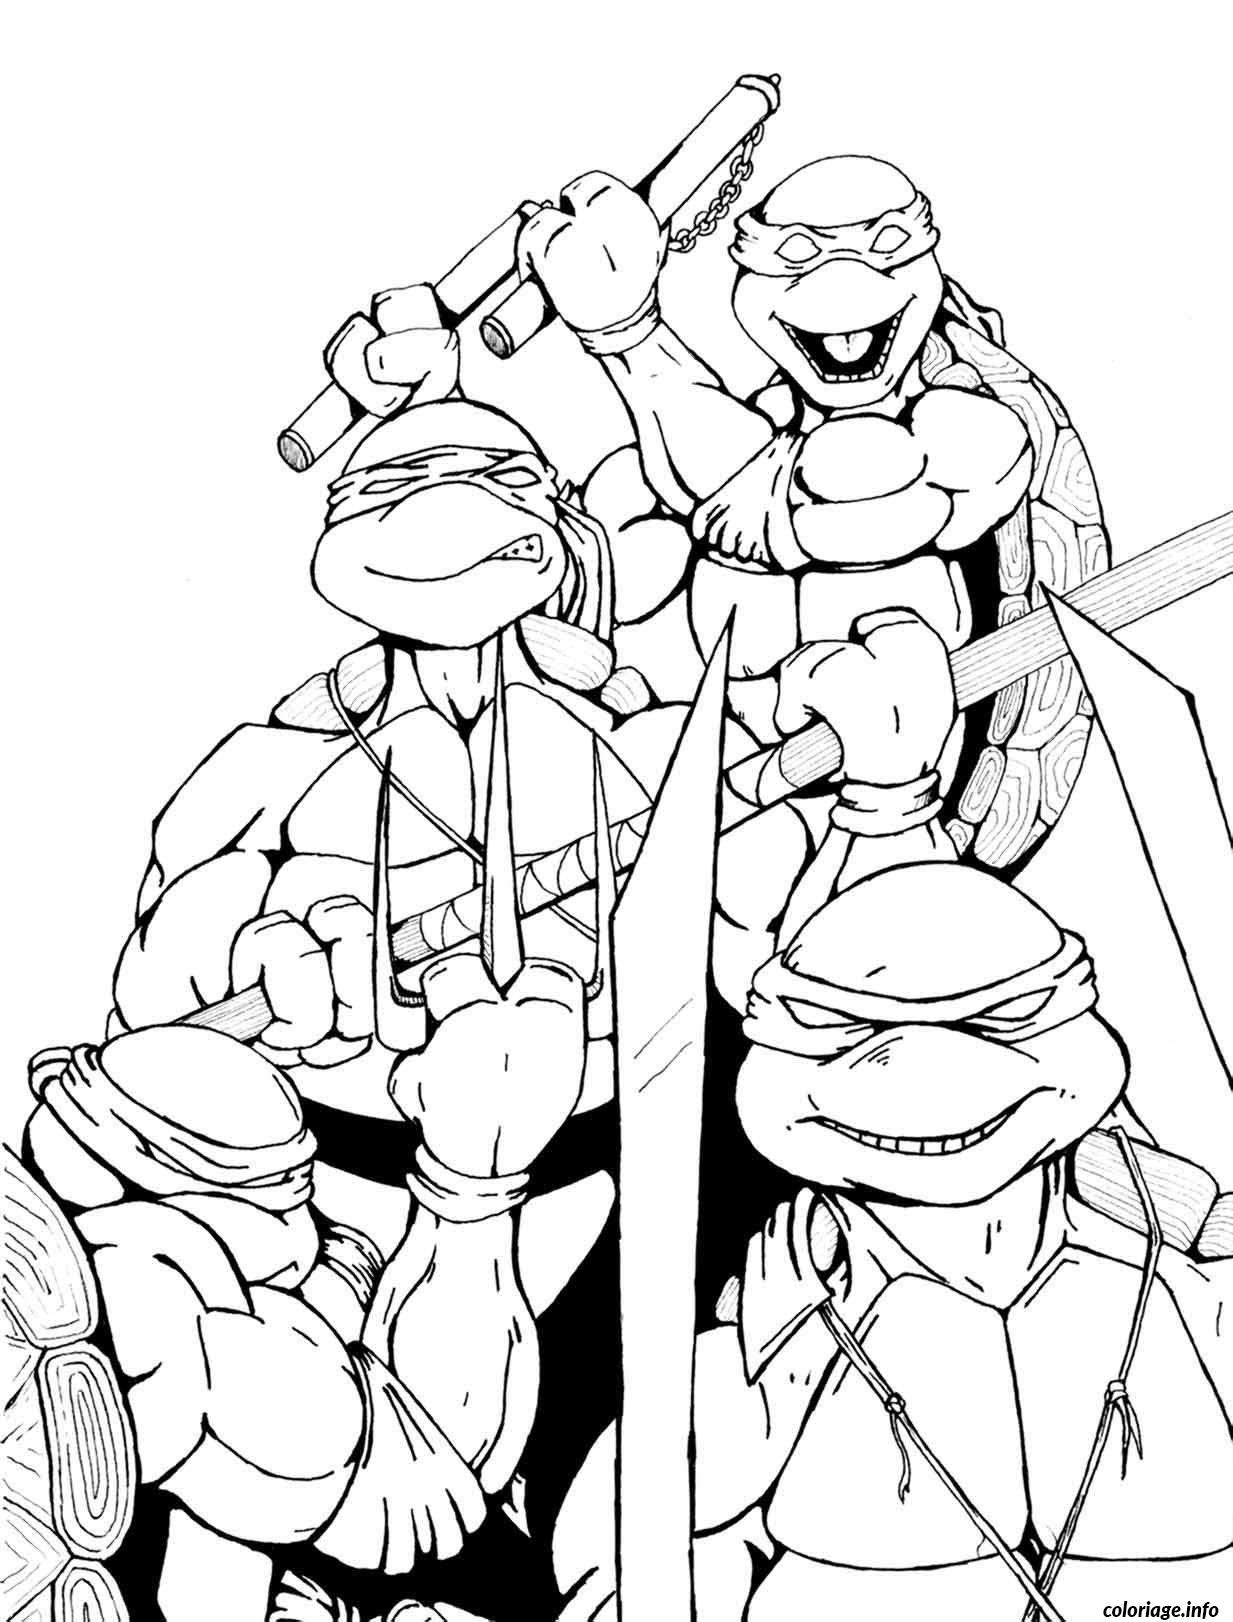 Dessin tortue ninja 186 Coloriage Gratuit à Imprimer